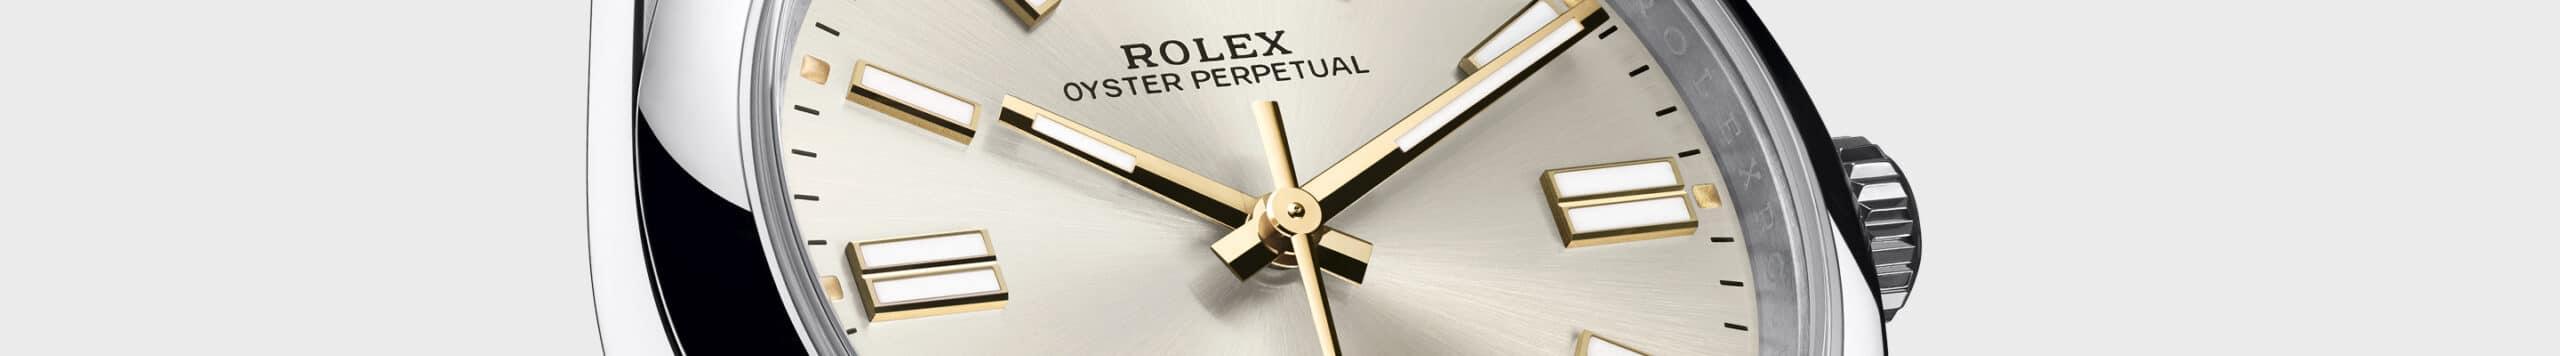 นาฬิกา Rolex Oyster Perpetual ที่โรเล็กซ์ เอ็น จี จี อุดรธานี